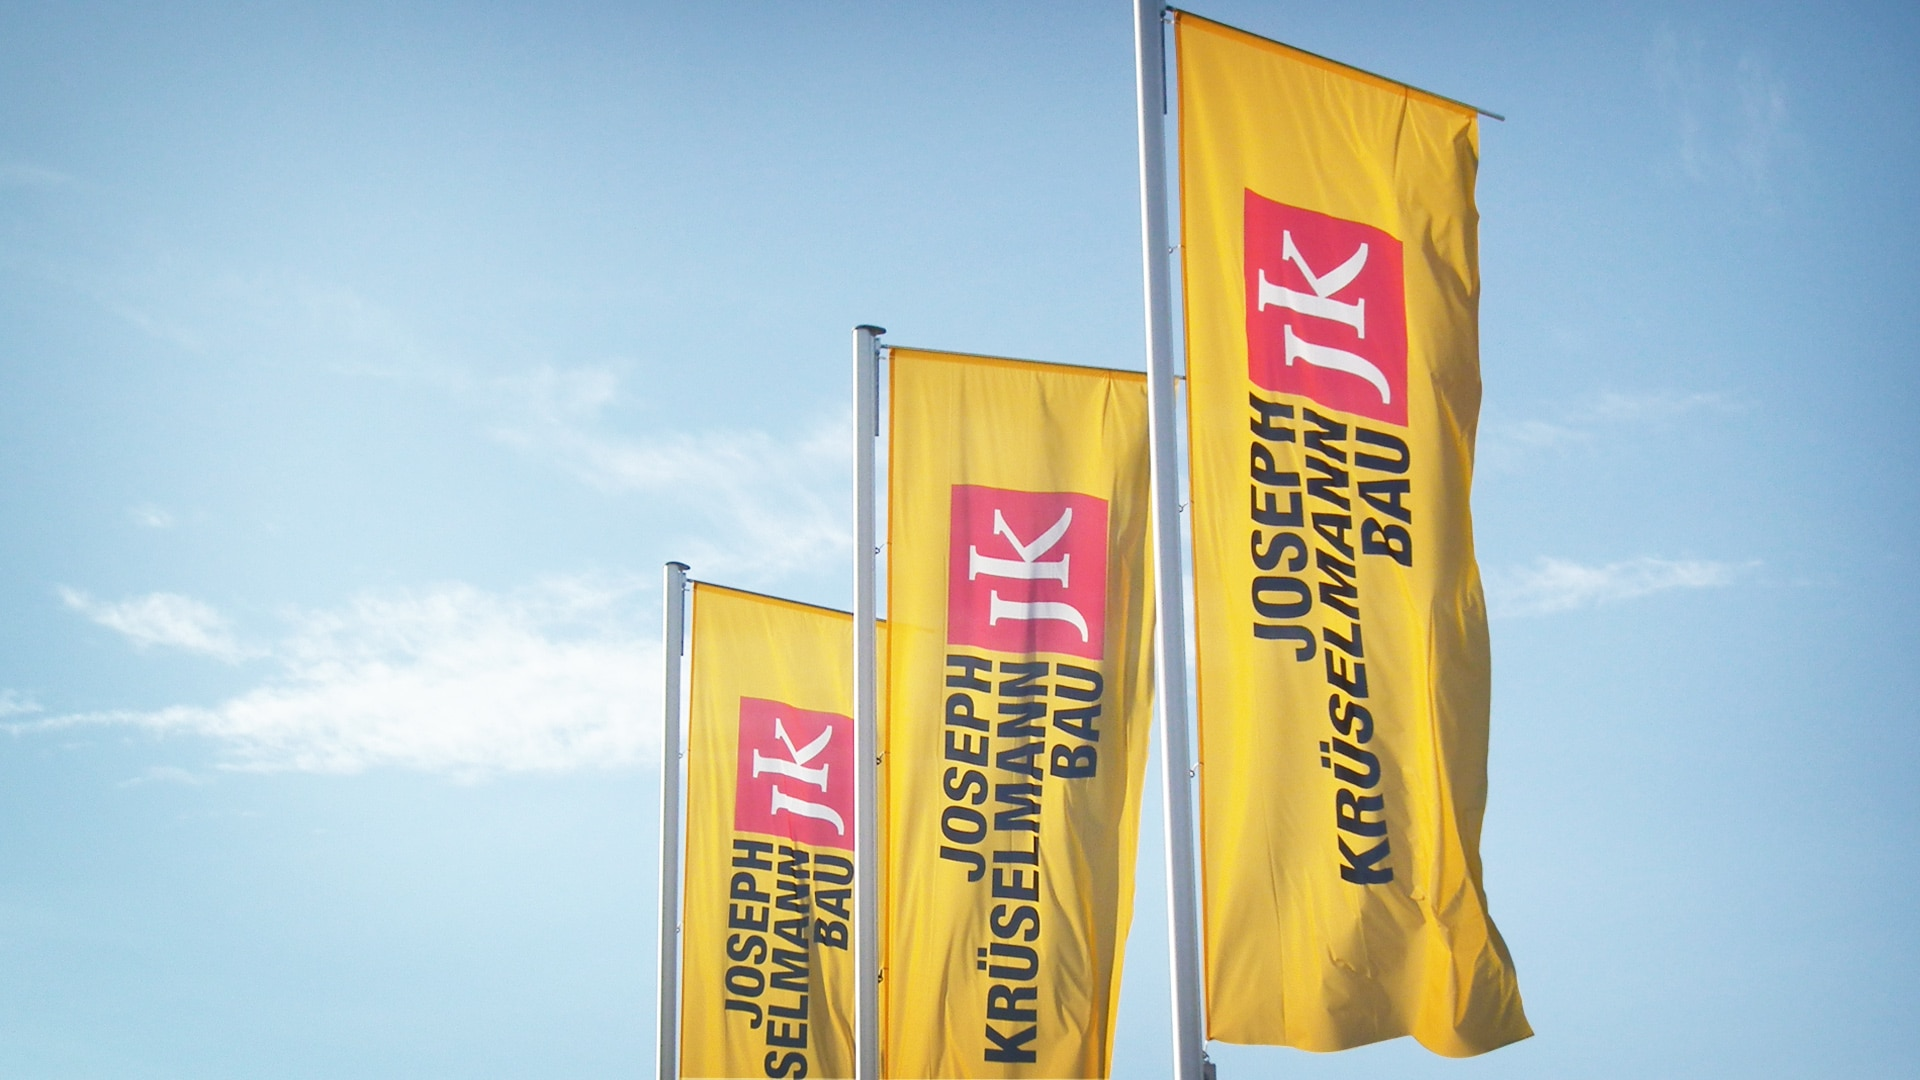 krueselmann corporate 3fahnen - Markenauftritt mit Charakter für eine Marke mit Persönlichkeit – Corporate Design, Logoentwicklung, Grafikdesign, Webdesign, Kommunikationsdesign, Branding, Markenentwicklung, Werbetechnik